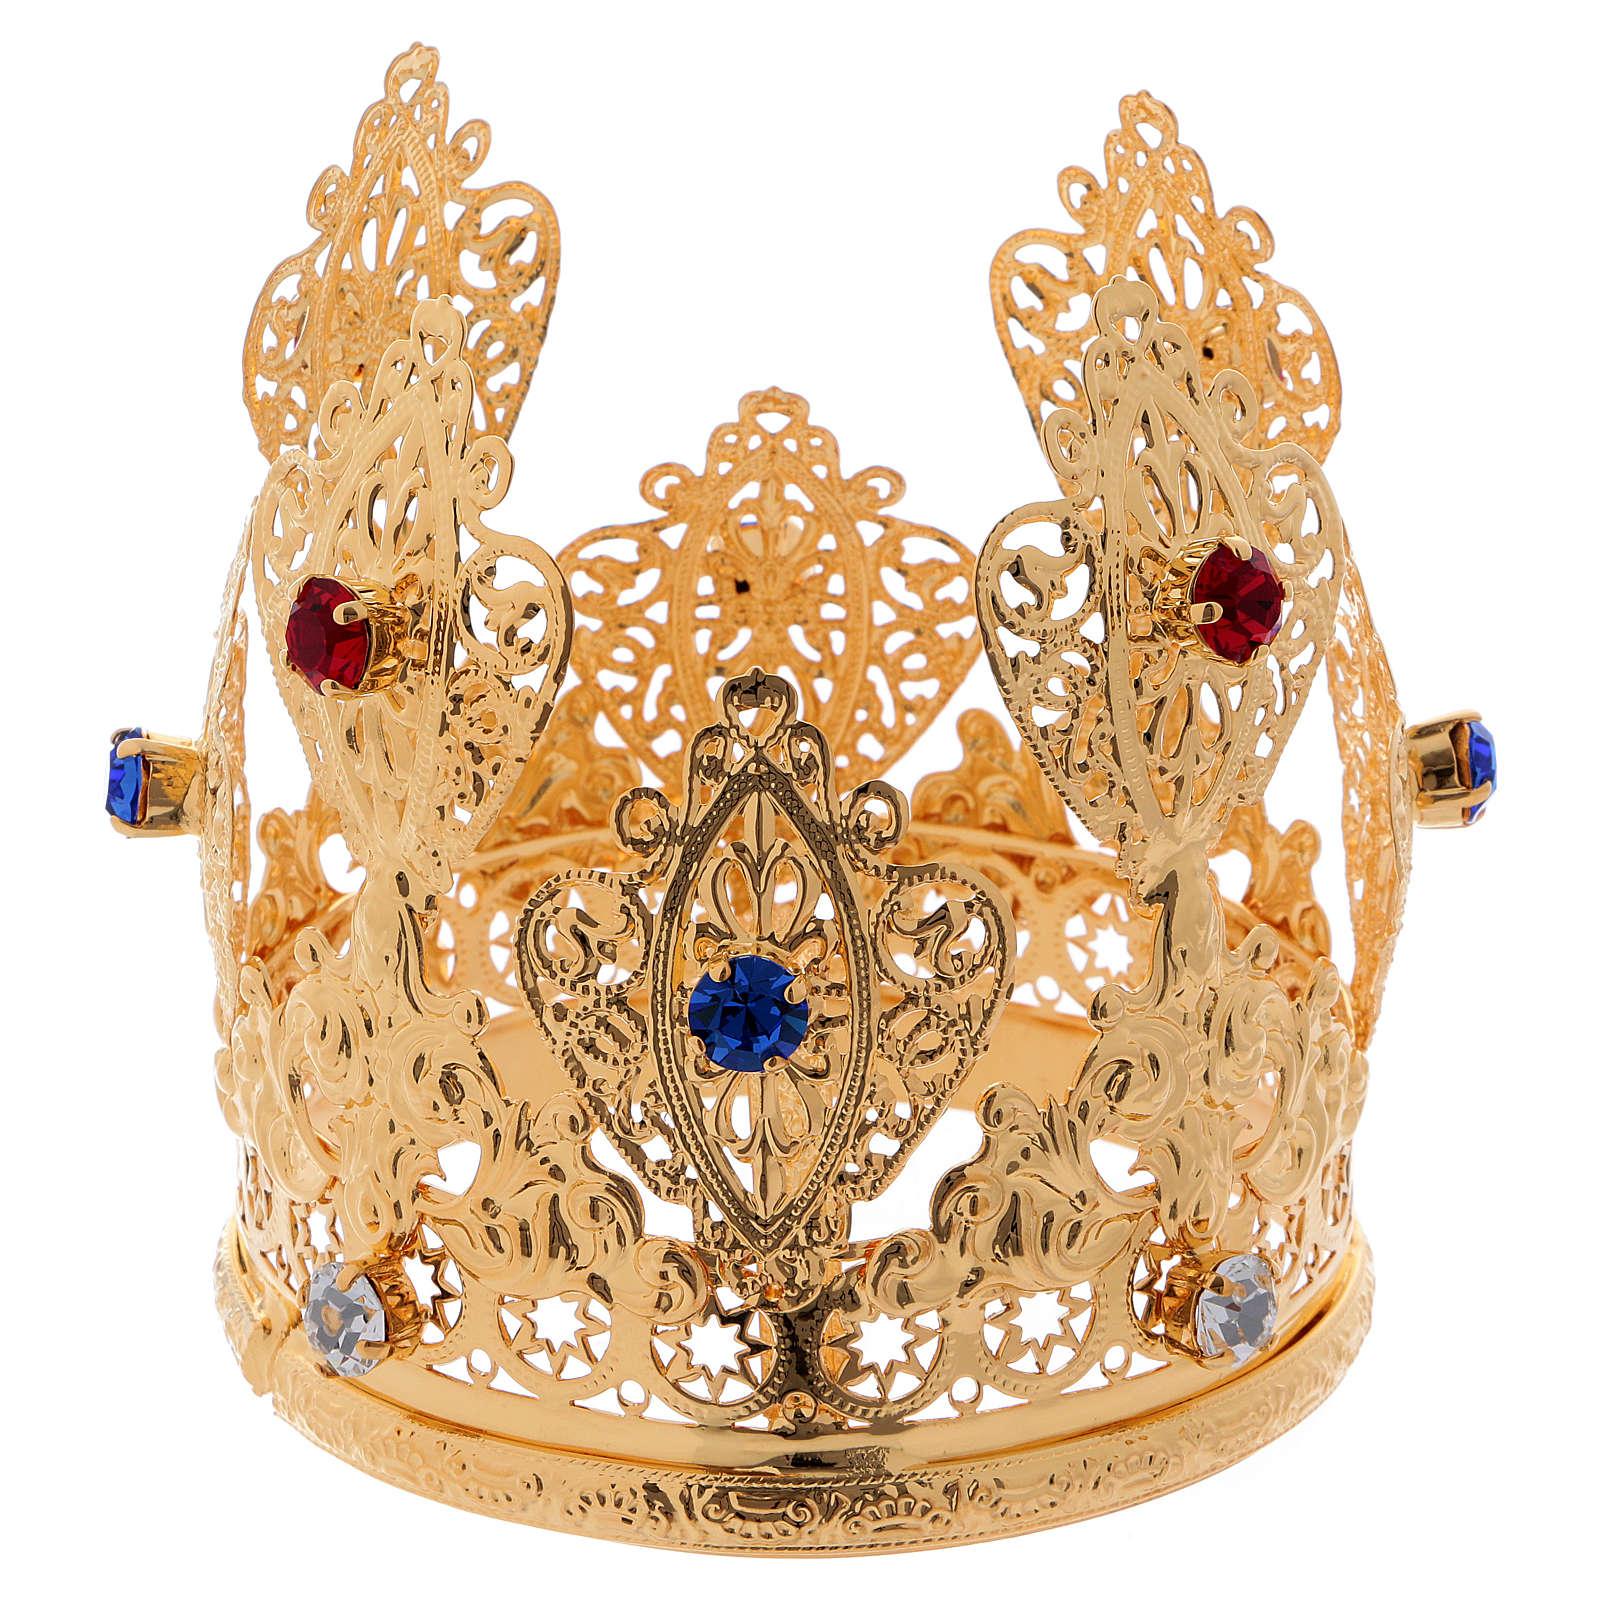 Korona mała książęca filigran i klejnoty do figur średnica 8 cm 3